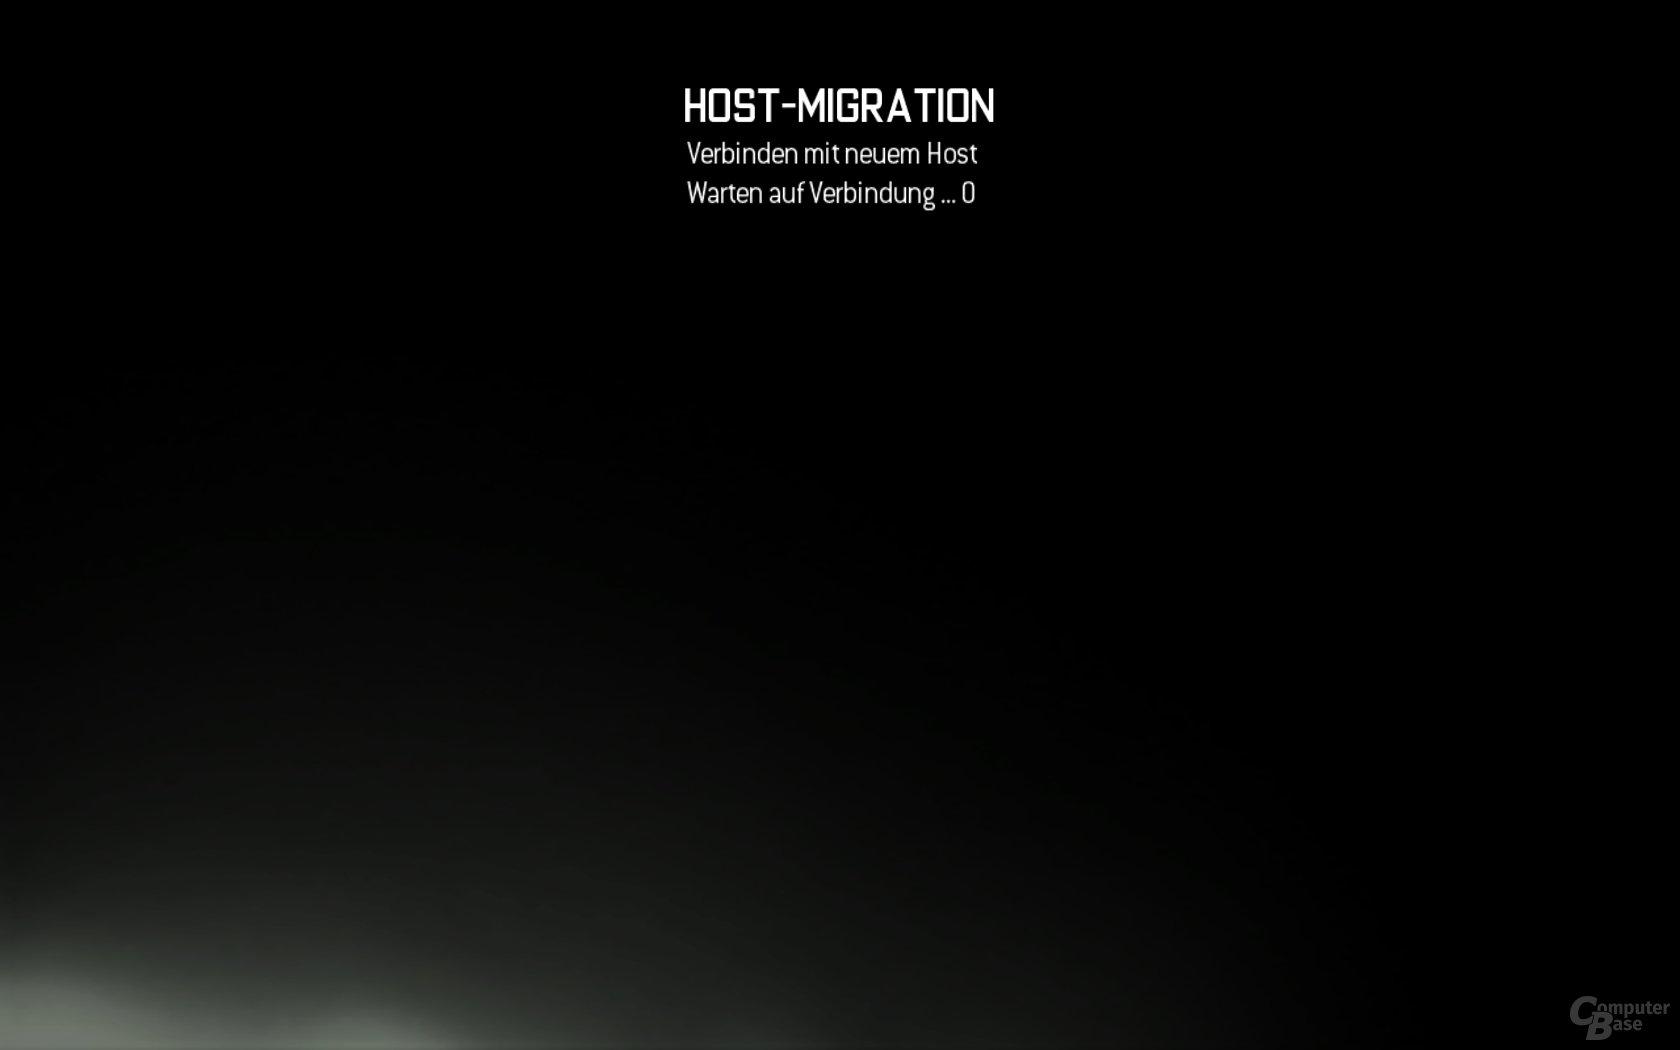 Modern Warfare 3: Der Host-Wechsel läuft einem ersten Eindruck nach flüssiger